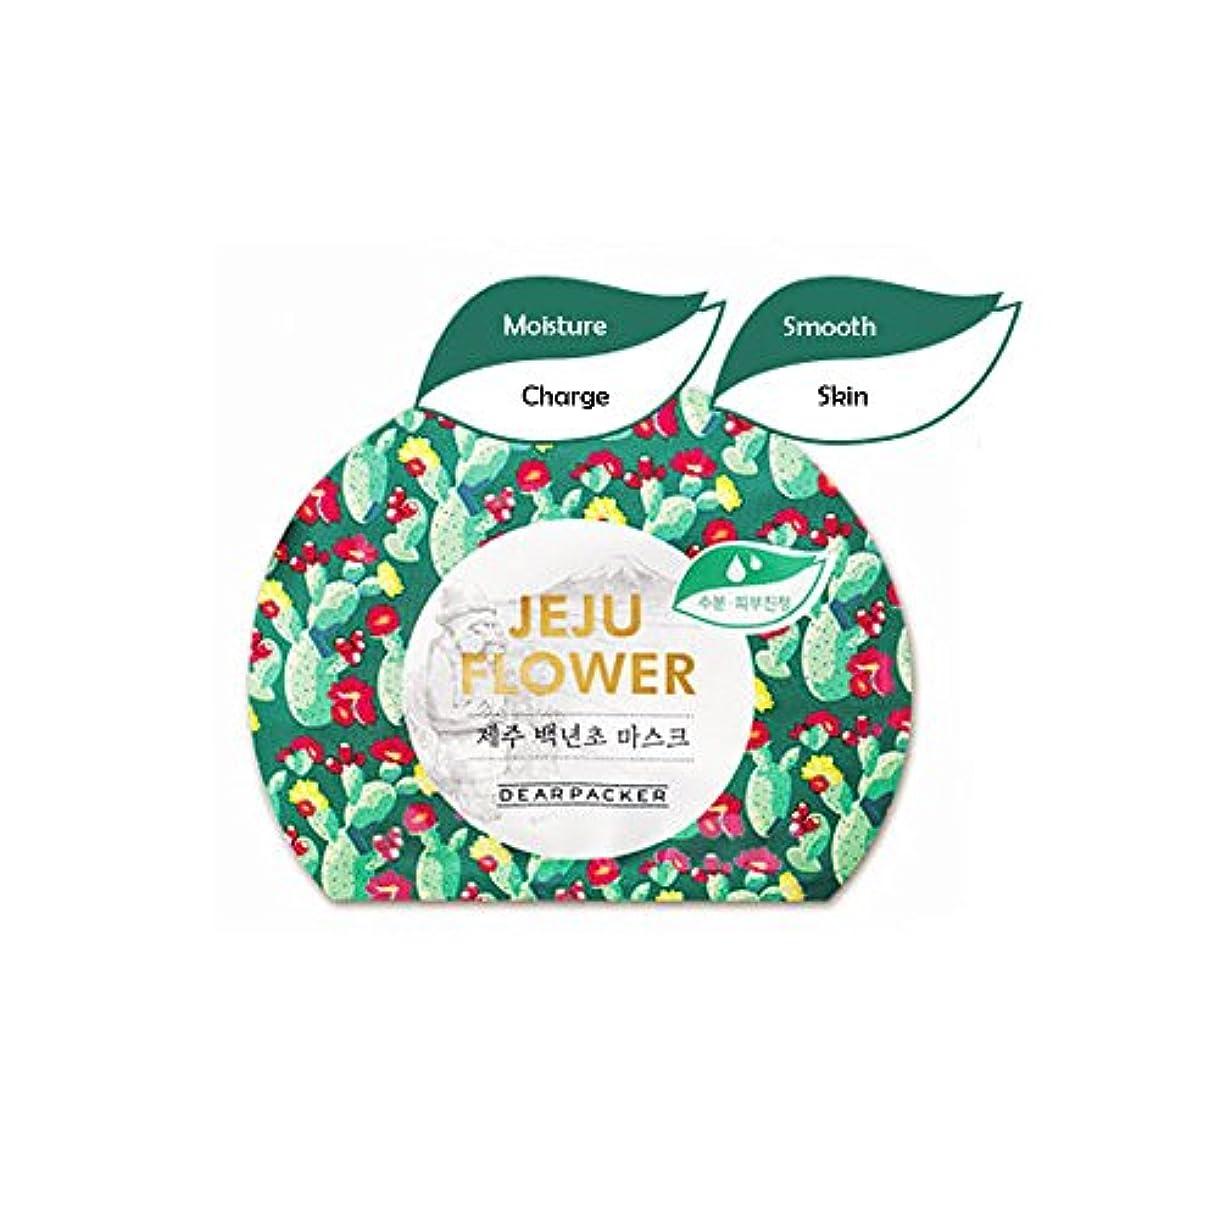 選択寝る倉庫済州花のマスクシート2018新 Jeju Flower Mask Sheet 2018 New (Baek Nyeon Flower, 3 Sheets)